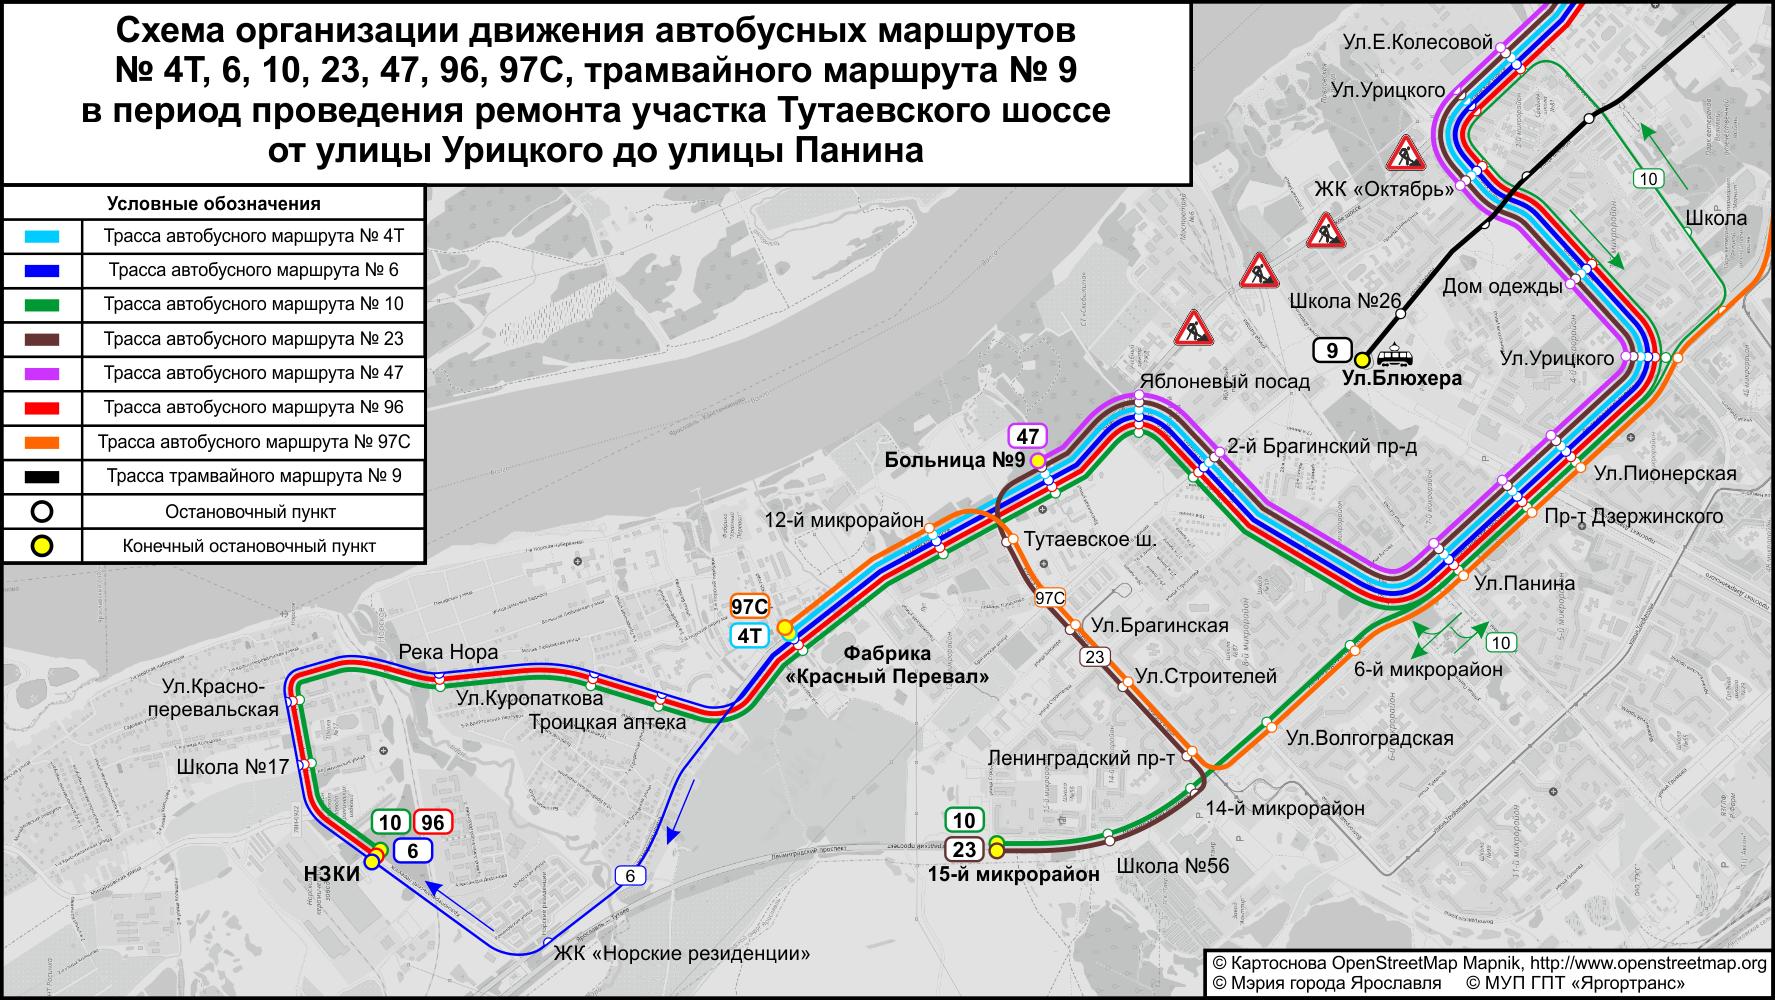 Во время ремонтных работ на Тутаевском шоссе общественный транспорт будет объезжать перекрытый участок дороги